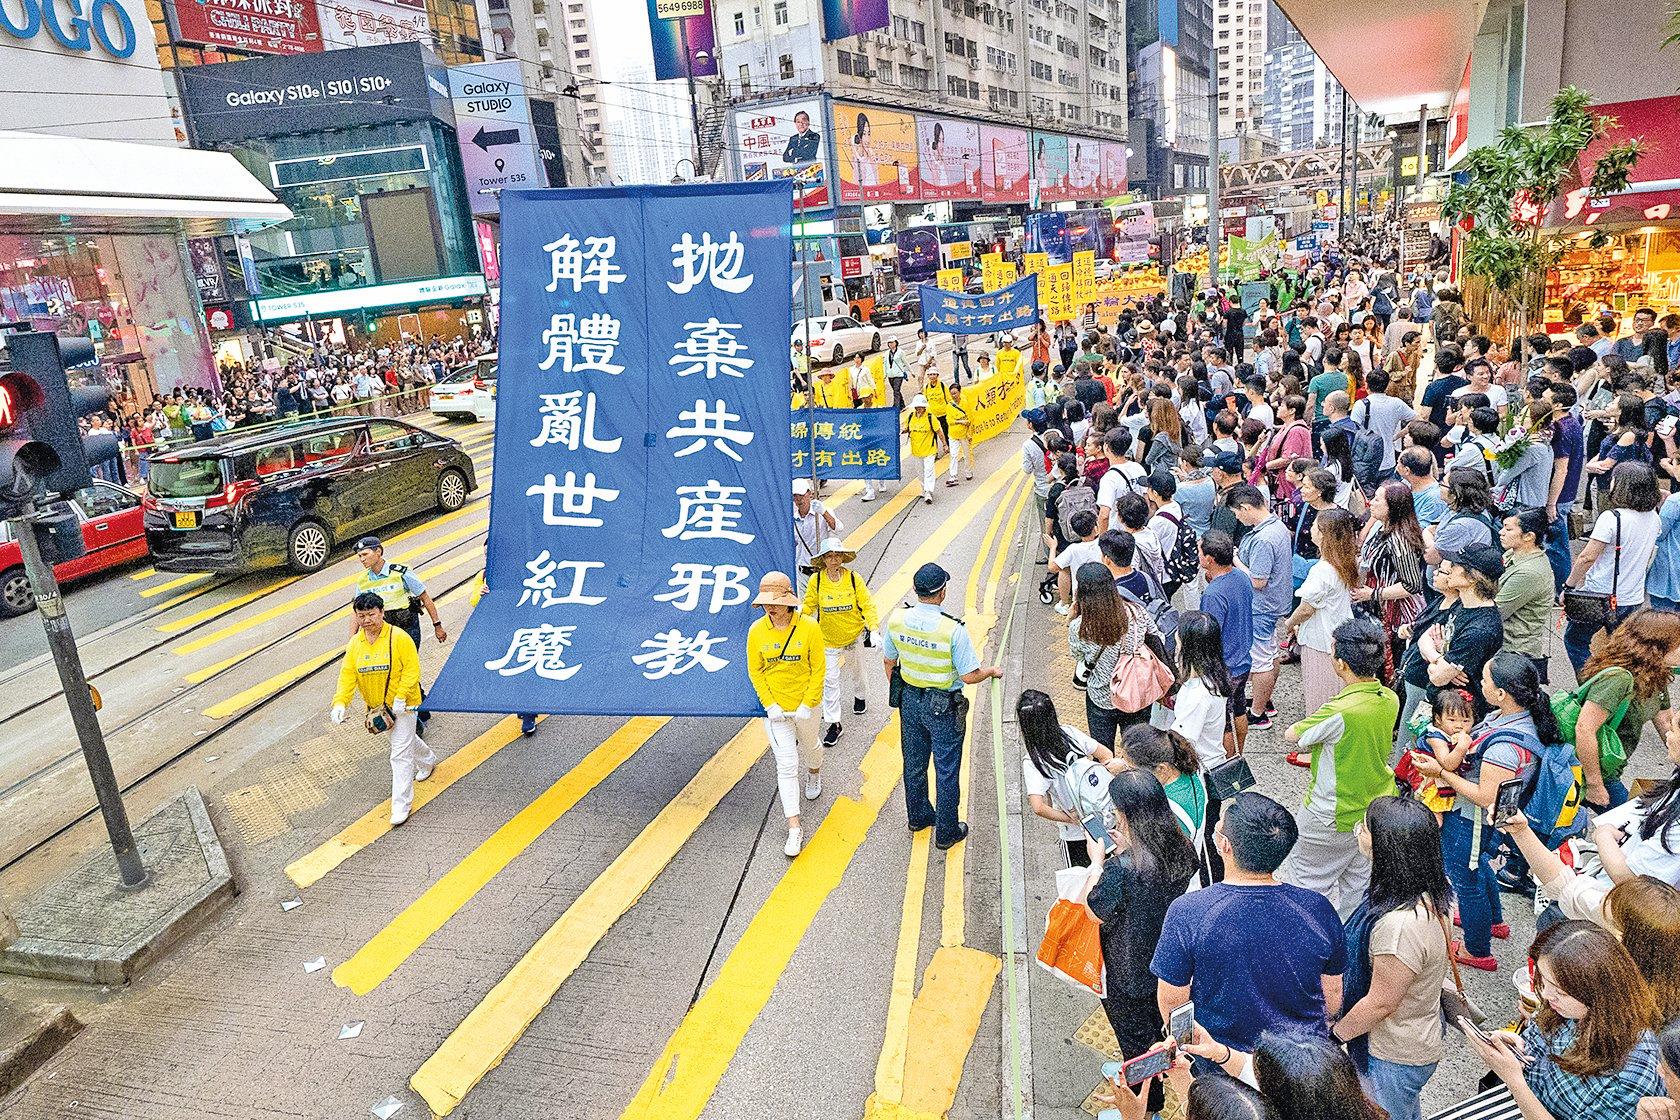 2019年4月27日,香港法輪功學員舉行紀念聲援三億三千萬中國人退出中共(黨、團、隊)組織大遊行。(大紀元)